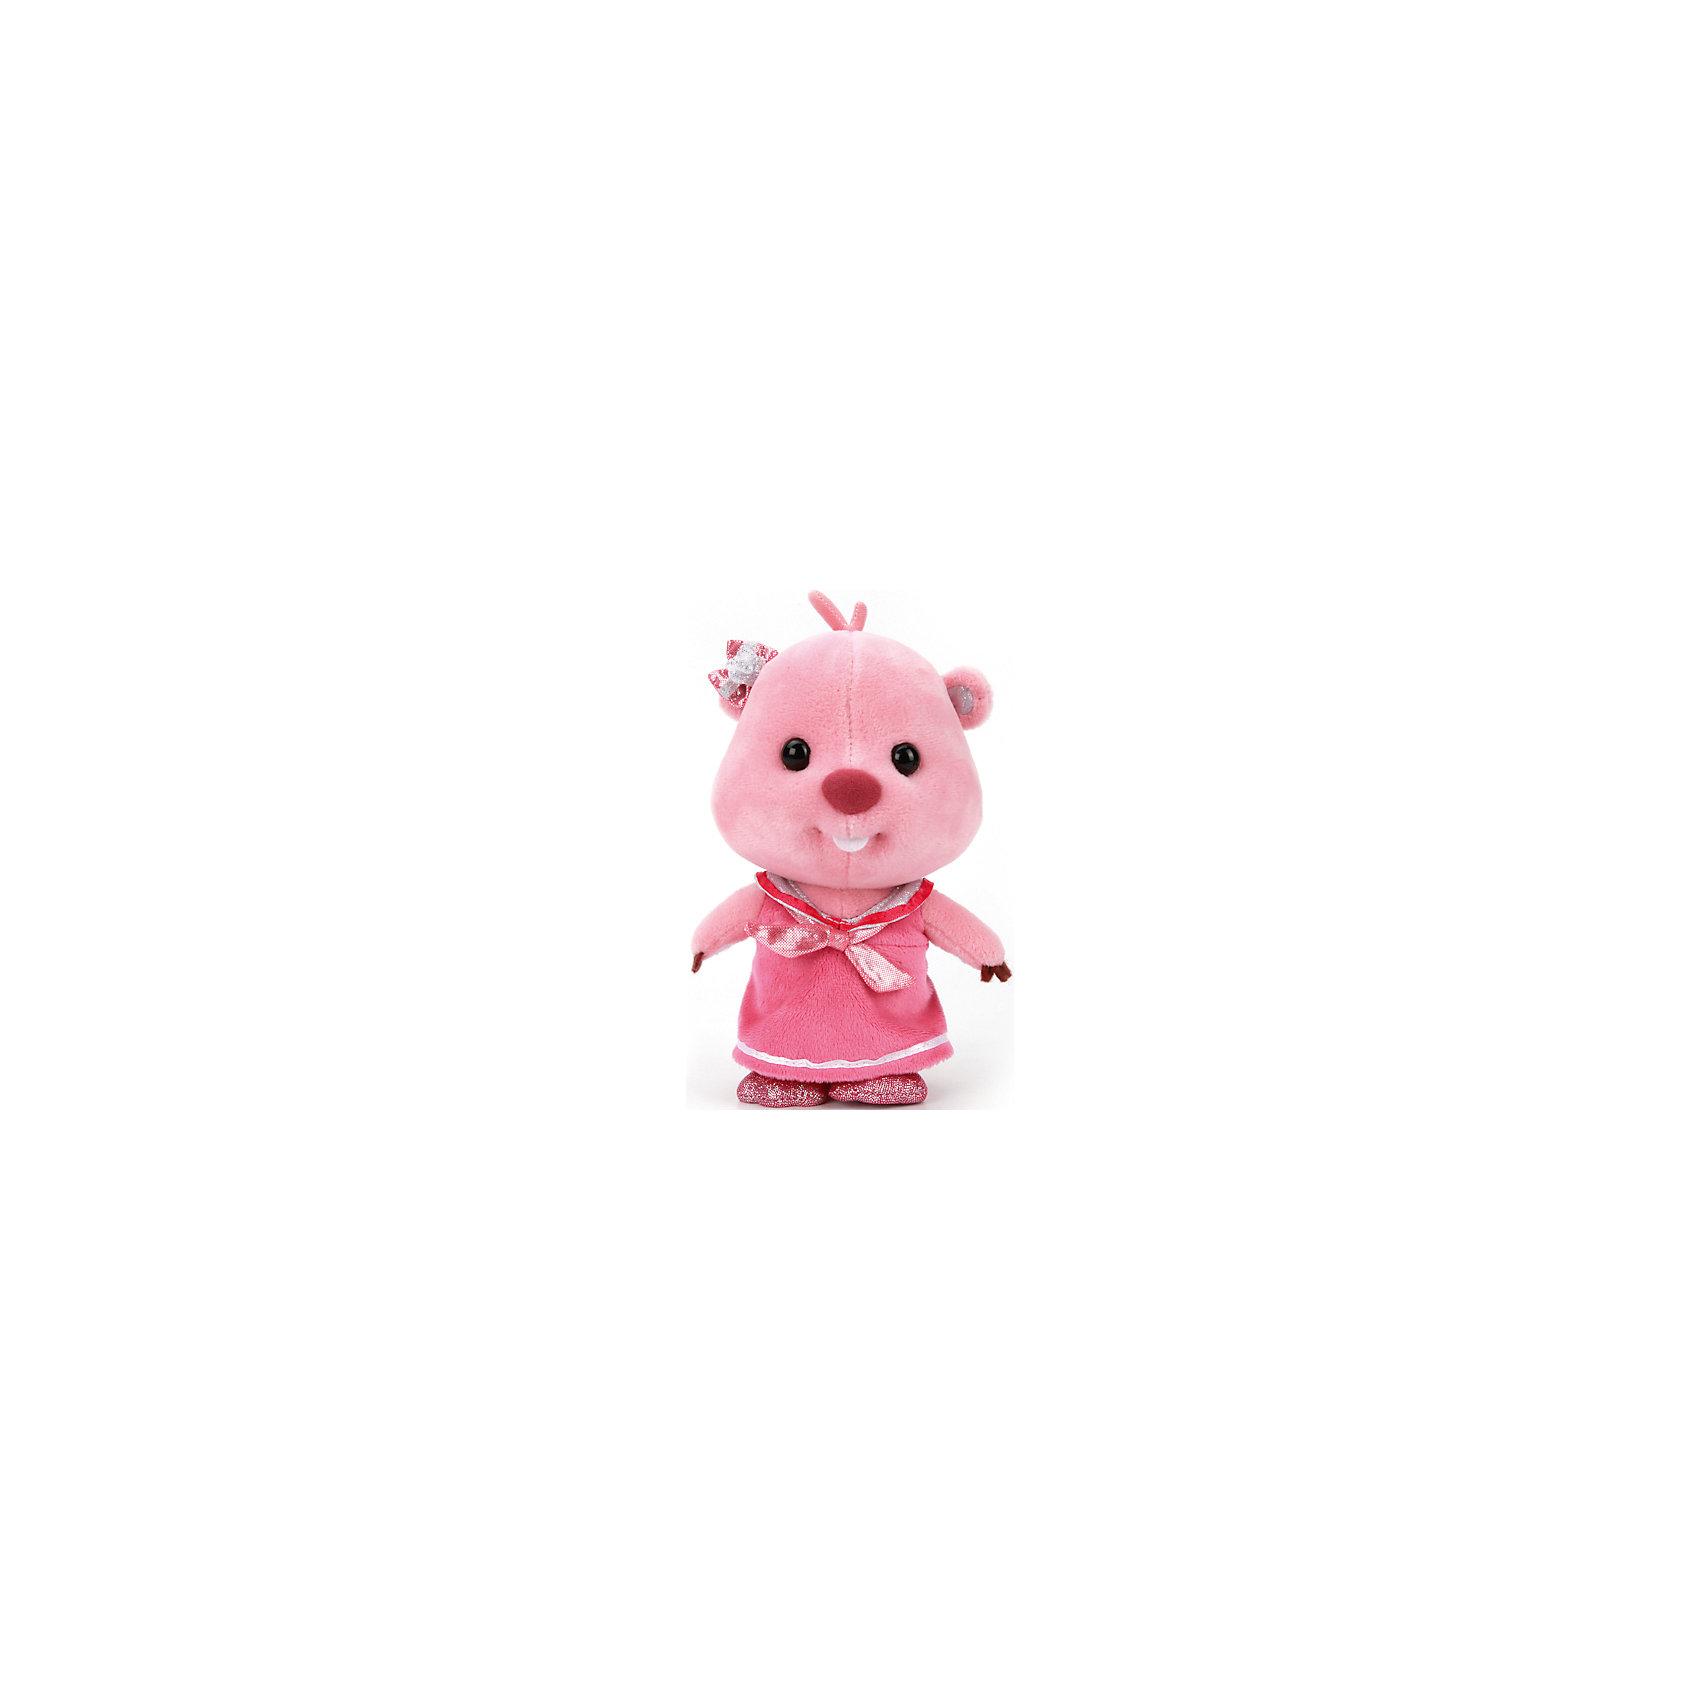 Мягкая игрушка Луппи, 18 см, со звуком, Пингвиненок Пороро, МУЛЬТИ-ПУЛЬТИОчаровательная Лупи, героиня известного мультсериала Пингвиненок Пороро, обязательно понравится детям. Малышка - бобренок одета в розовое платьице с блестящим воротником, на ушке у нее красивый маленький бантик. Лупи очень мягкая и приятная на ощупь, к тому же знает много фраз, с ней не соскучишься! <br>Игрушка выполнена из высококачественных экологичных материалов безопасных для детей. <br><br>Дополнительная информация:<br><br>- Материал: пластик, текстиль, синтепон. <br>- Размер куклы: 18 см.<br>- Звуковые эффекты: фразы. <br>- Элемент питания: батарейки (в комплекте).<br><br>Мягкую игрушку Лупи, 18 см, со звуком, Пингвиненок Пороро, МУЛЬТИ-ПУЛЬТИ, можно купить в нашем магазине.<br><br>Ширина мм: 320<br>Глубина мм: 260<br>Высота мм: 380<br>Вес г: 110<br>Возраст от месяцев: 36<br>Возраст до месяцев: 96<br>Пол: Унисекс<br>Возраст: Детский<br>SKU: 4616810